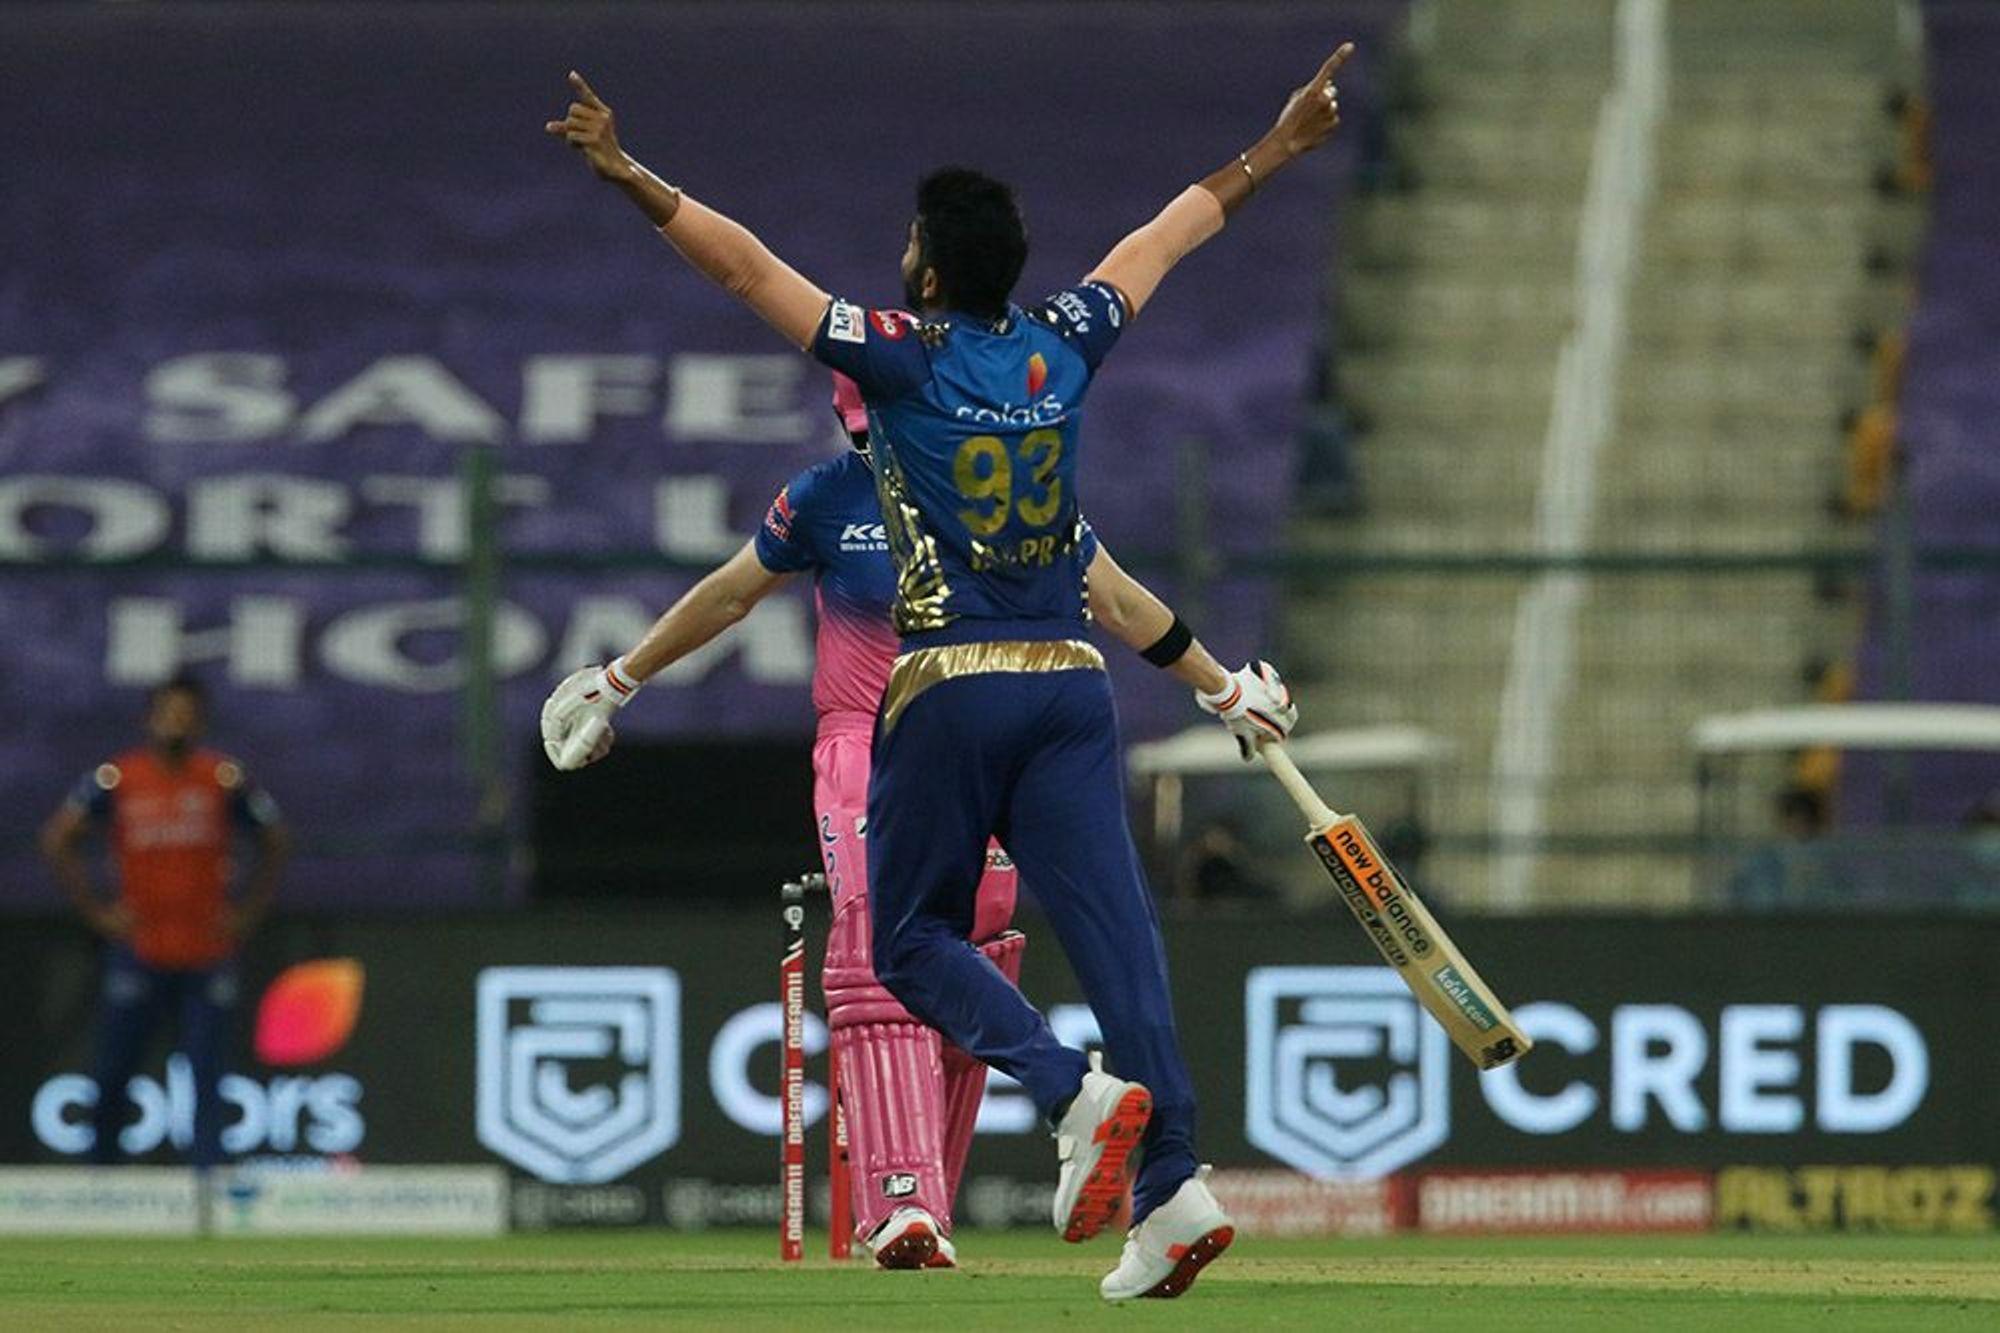 MIvsRR: मैन ऑफ द मैच बने सूर्यकुमार यादव ने इसको दिया अपनी बल्लेबाजी में सफलता का श्रेय 4